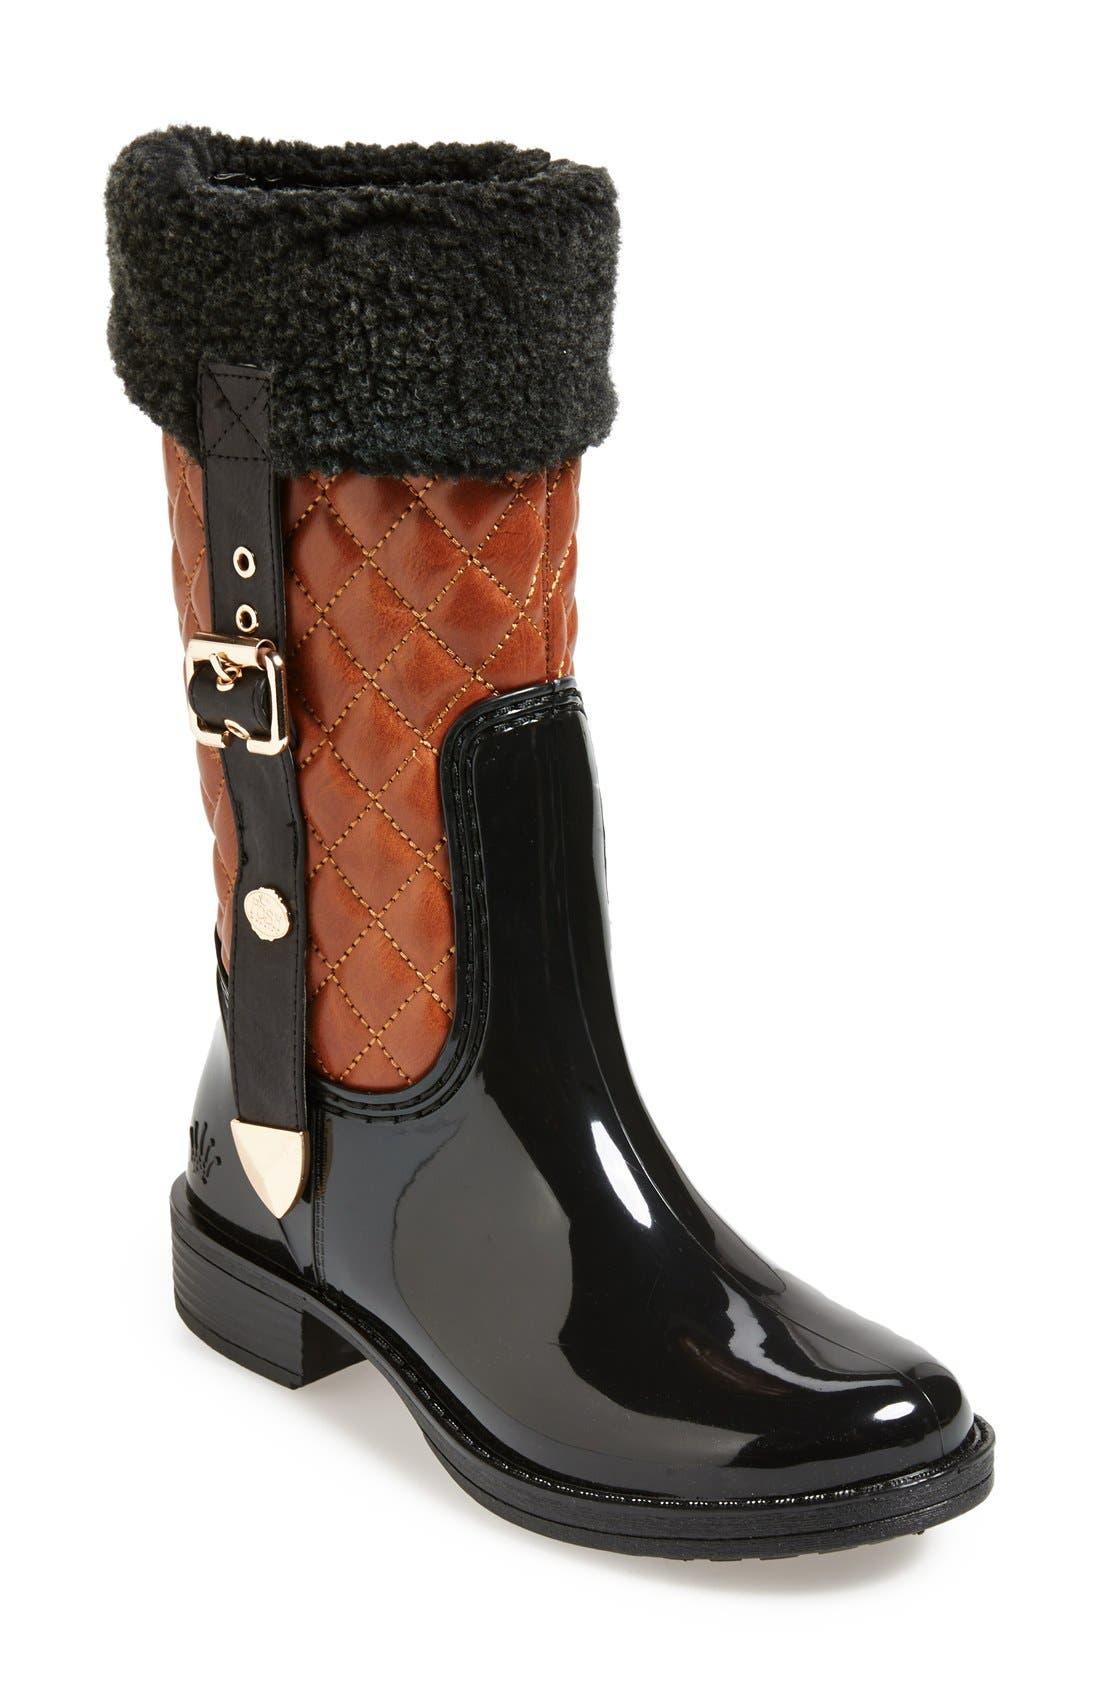 Main Image - Posh Wellies 'Gamer' Rain Boots (Women)